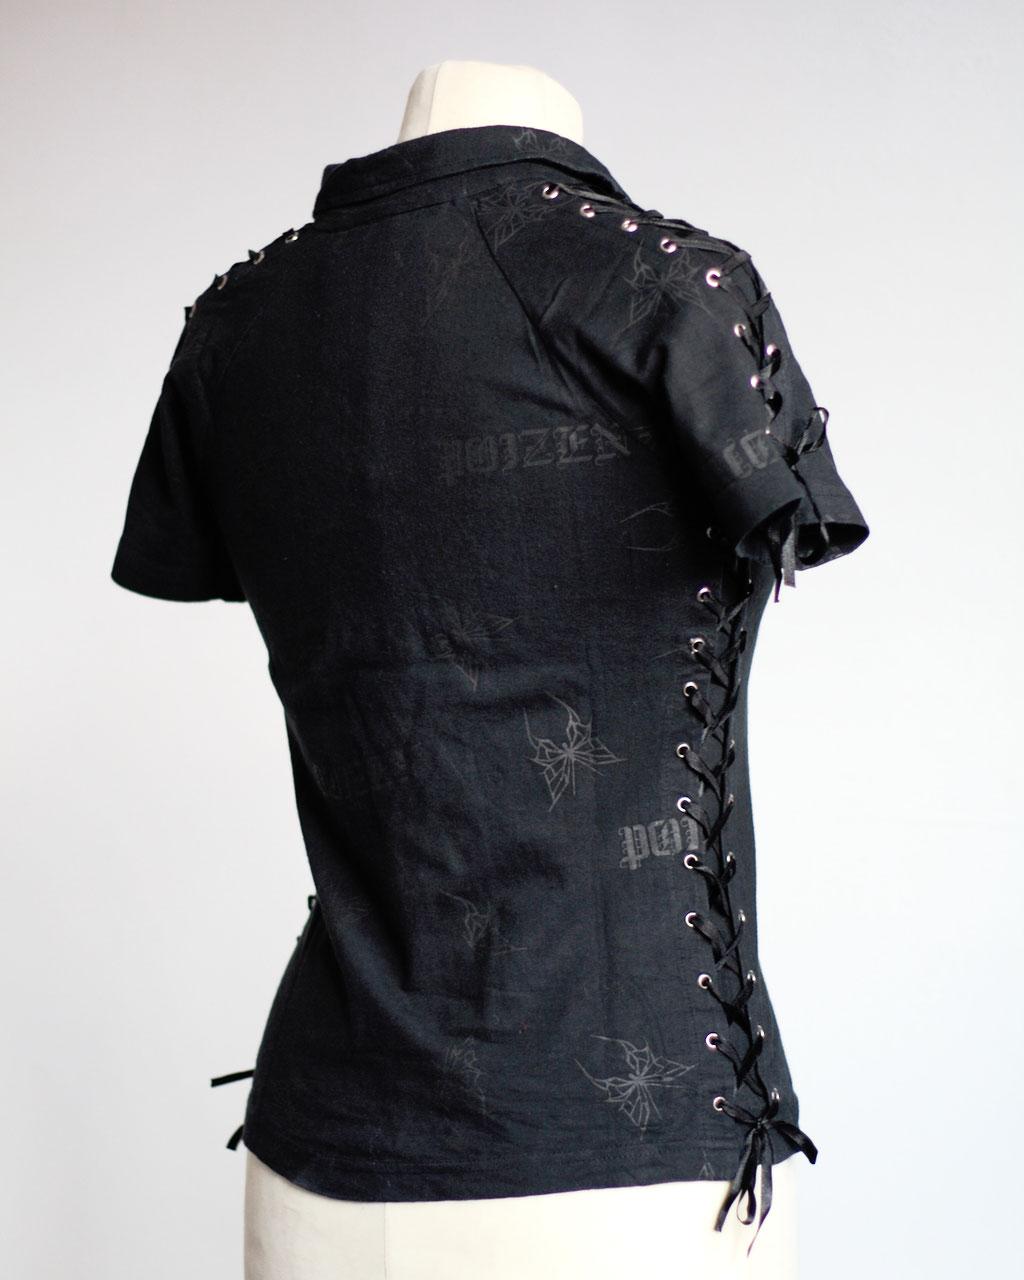 Flohmarkt: Oberteile - Poizen Industries Poloshirt mit Schnürung - Zebraspider DIY Anti-Fashion Blog